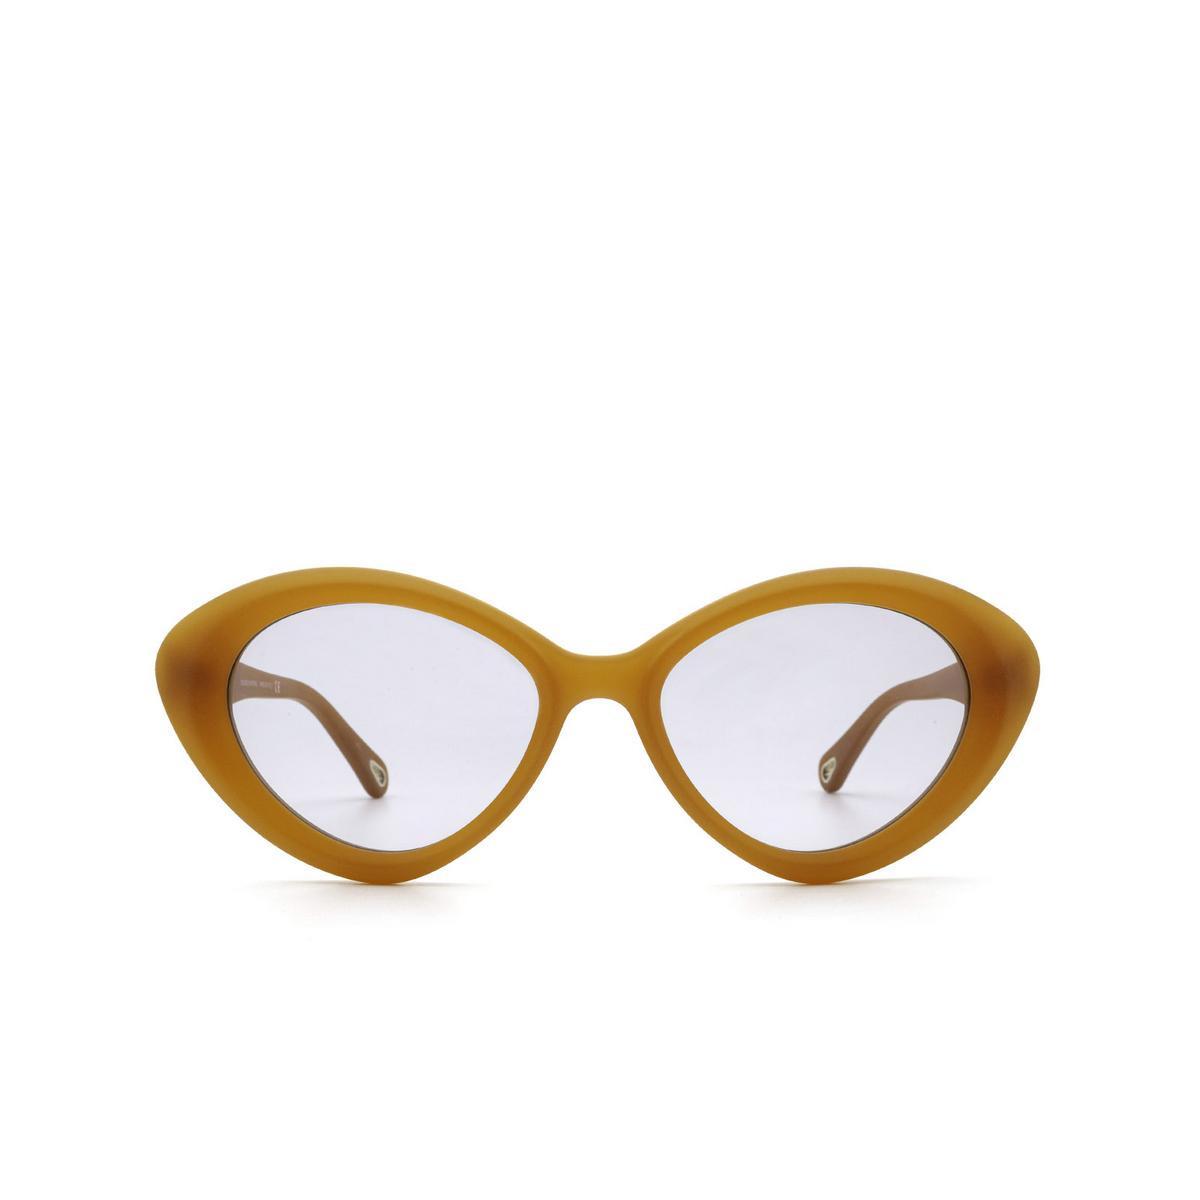 Chloé® Cat-eye Sunglasses: CH0050S color Orange 004 - front view.